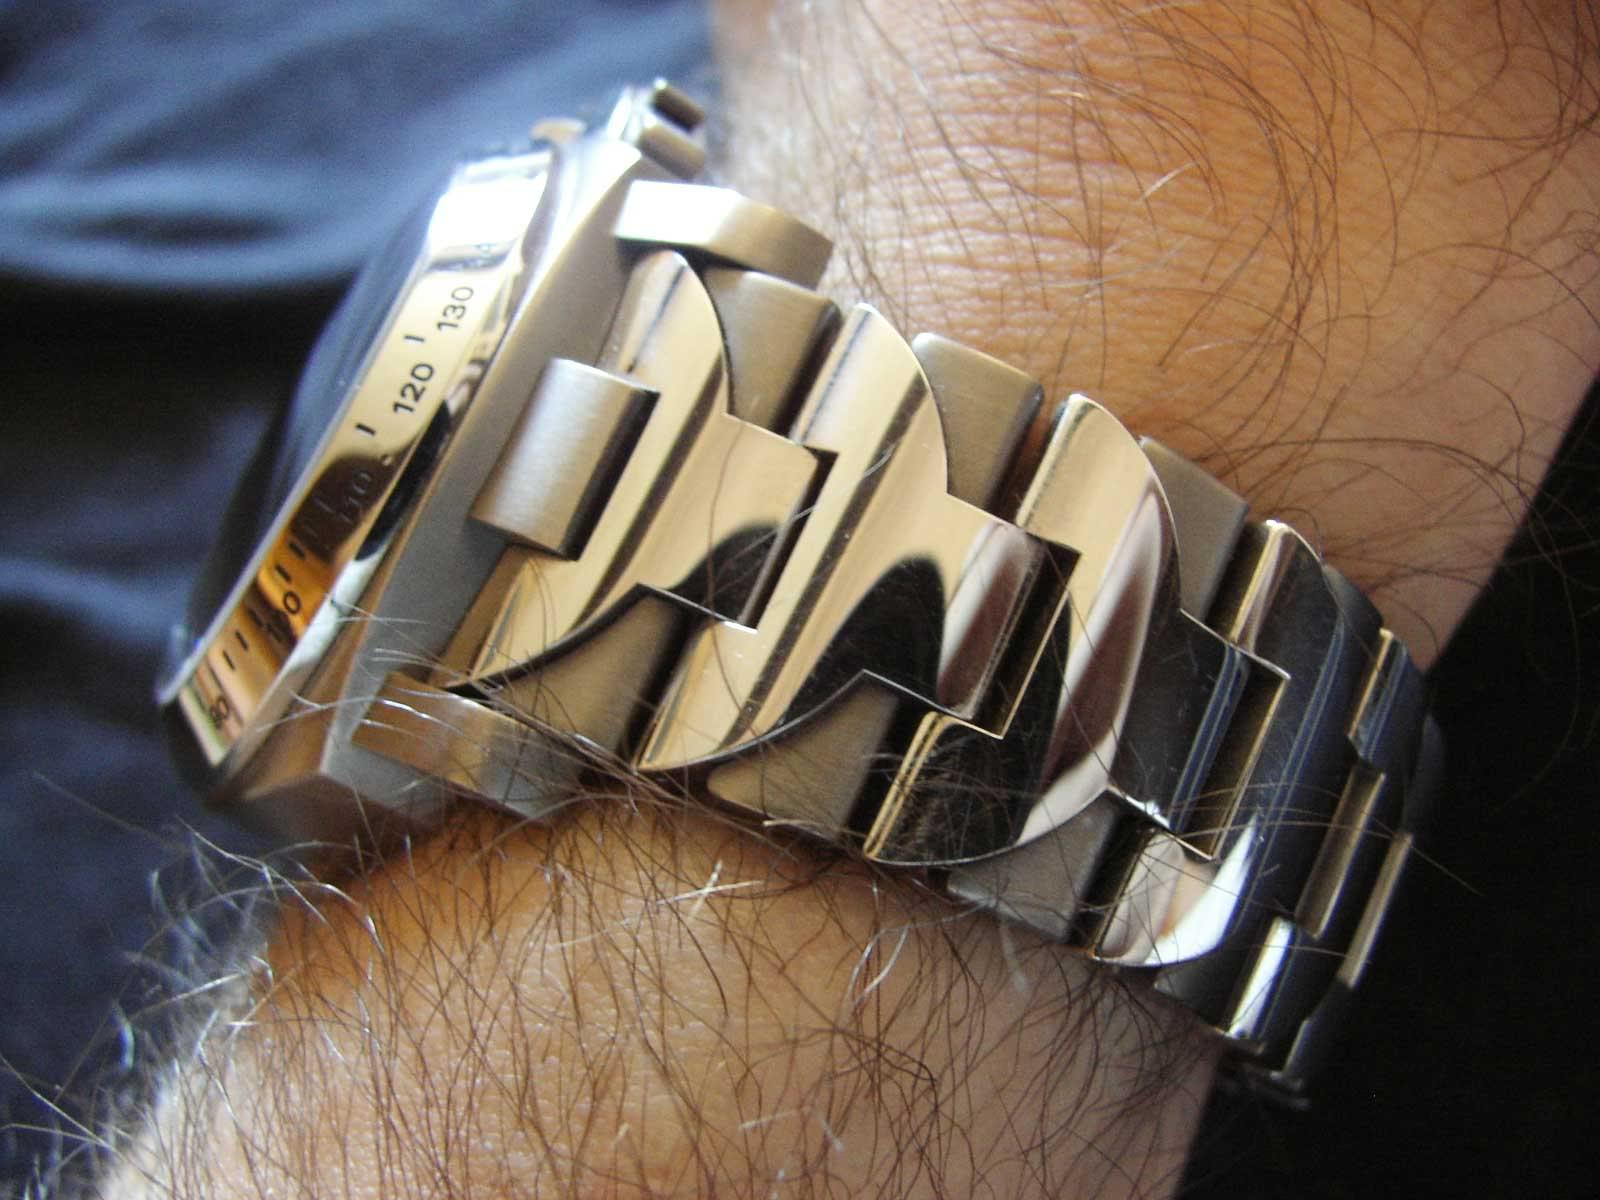 panerai - vos bracelets acier preferes ? - Page 3 Pam168onGorilla